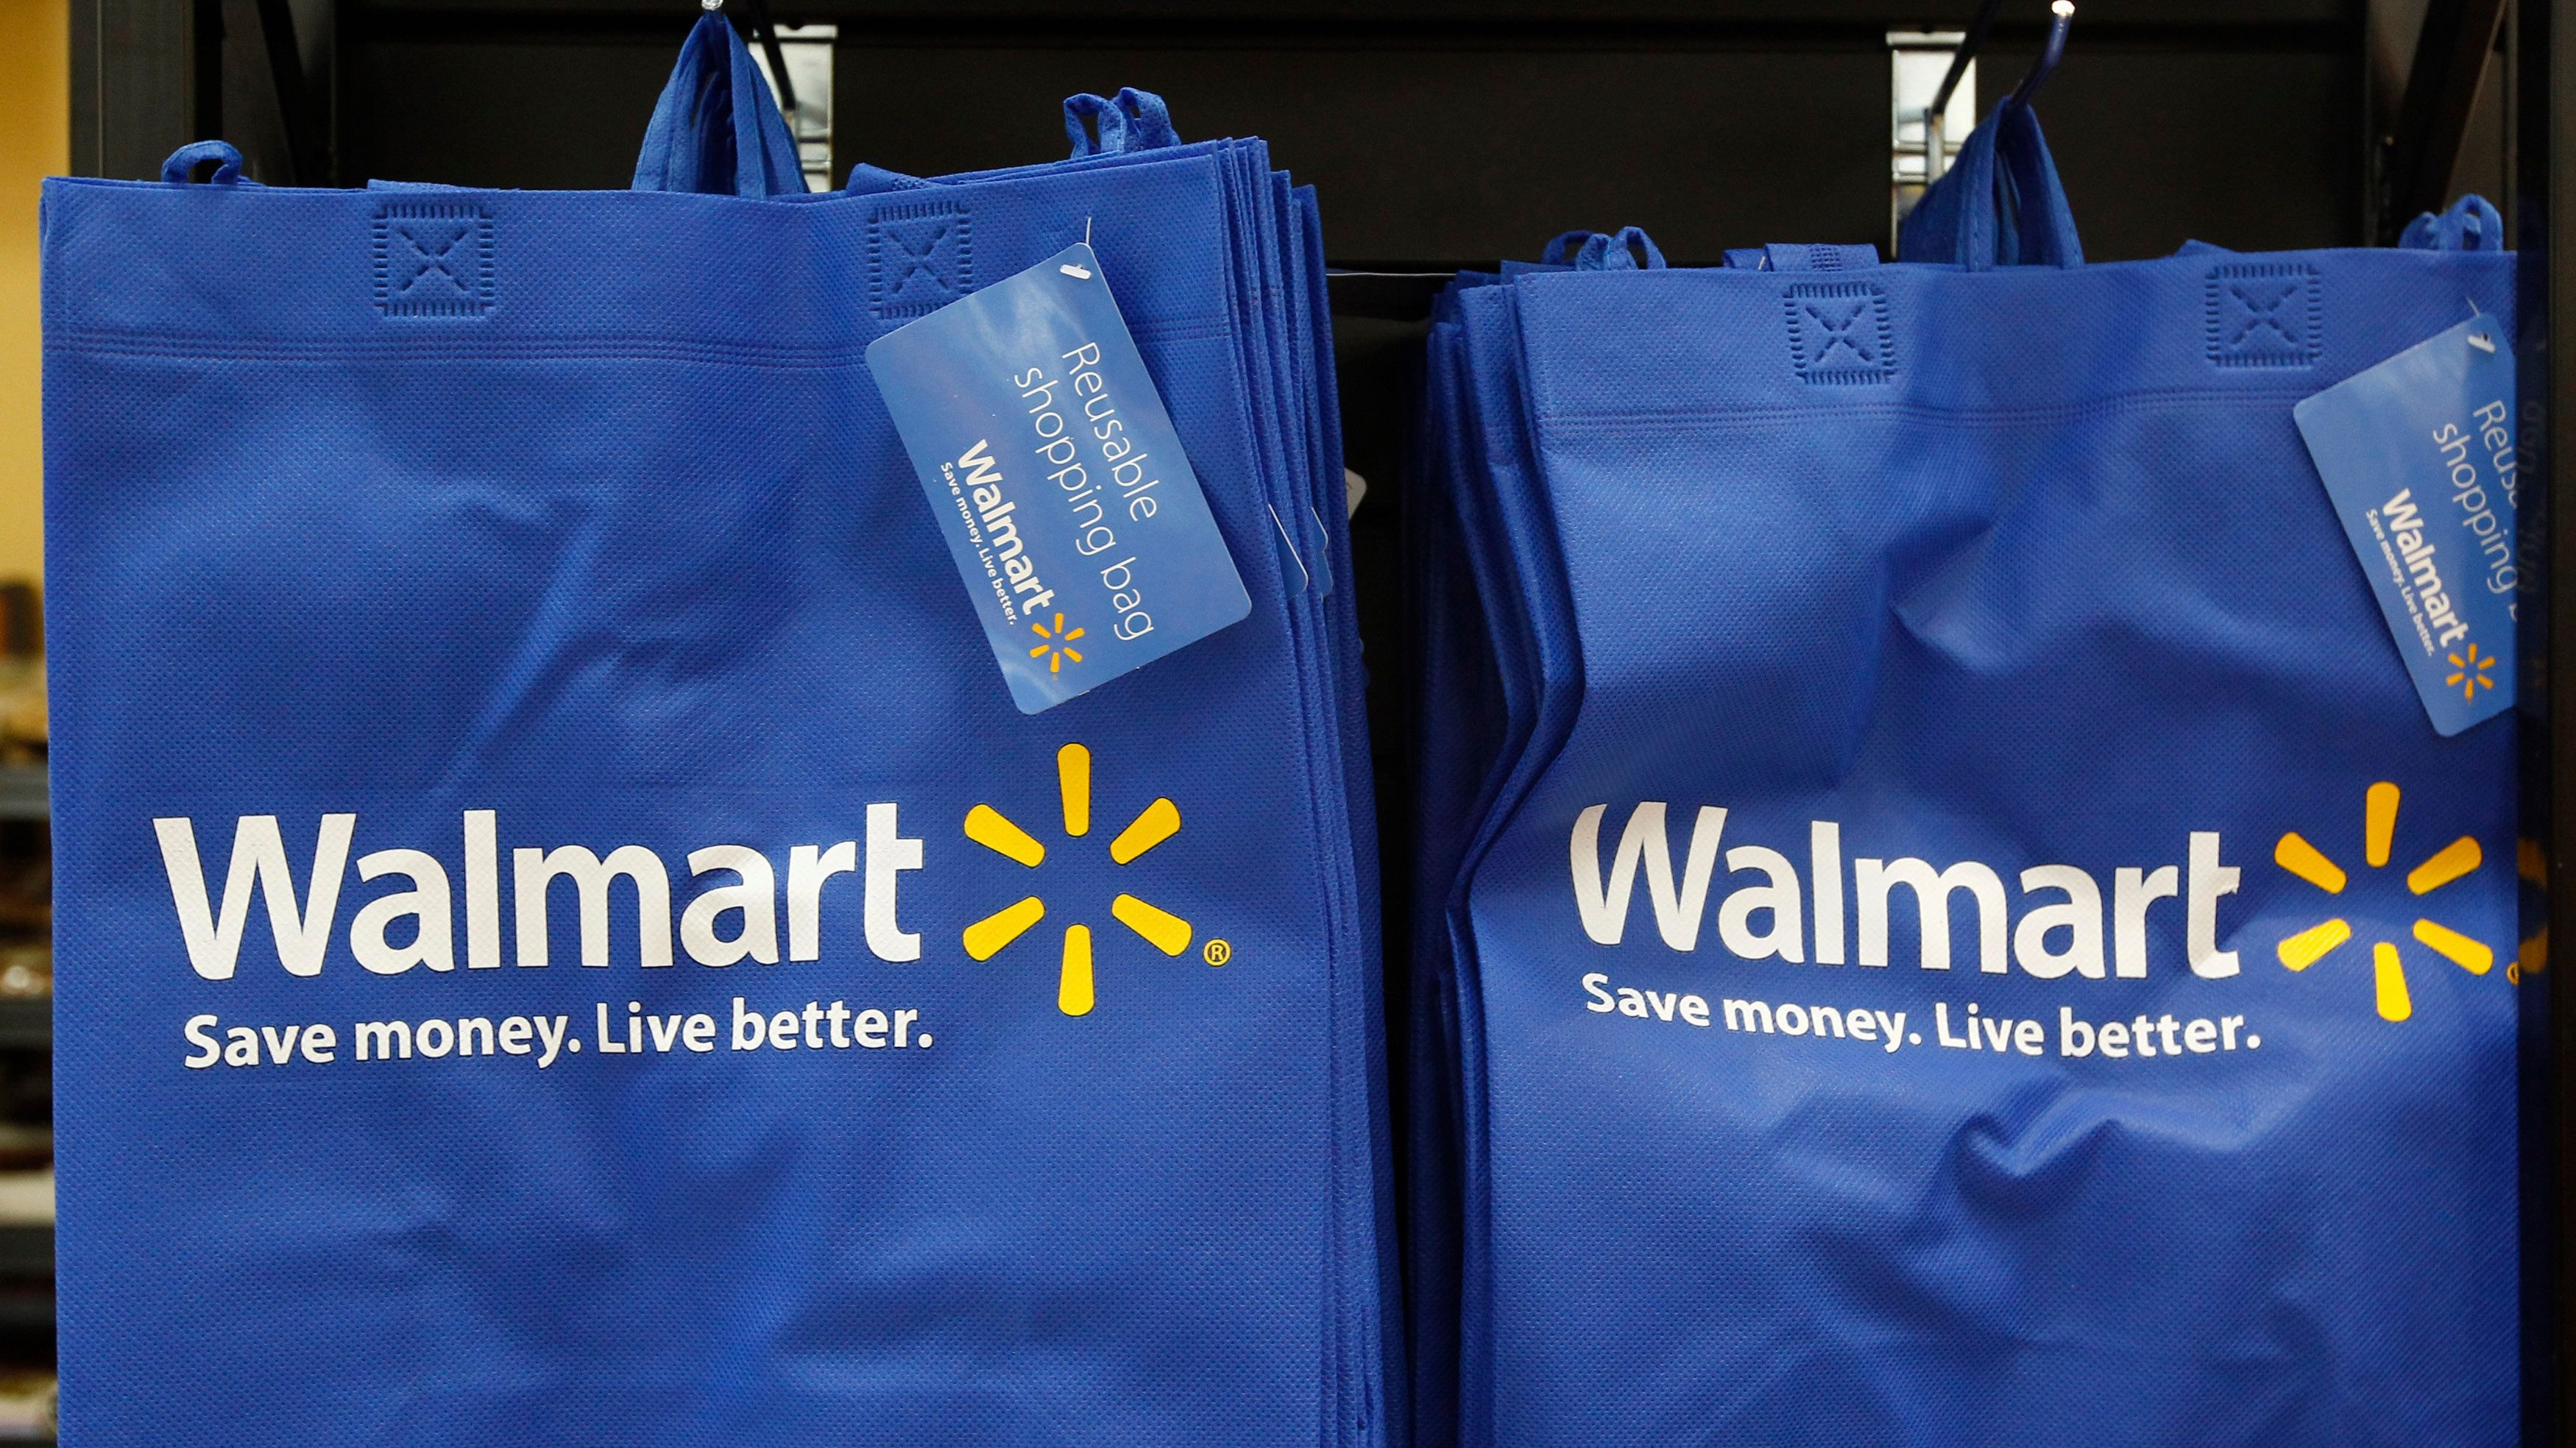 Walmart-Flipkart-India